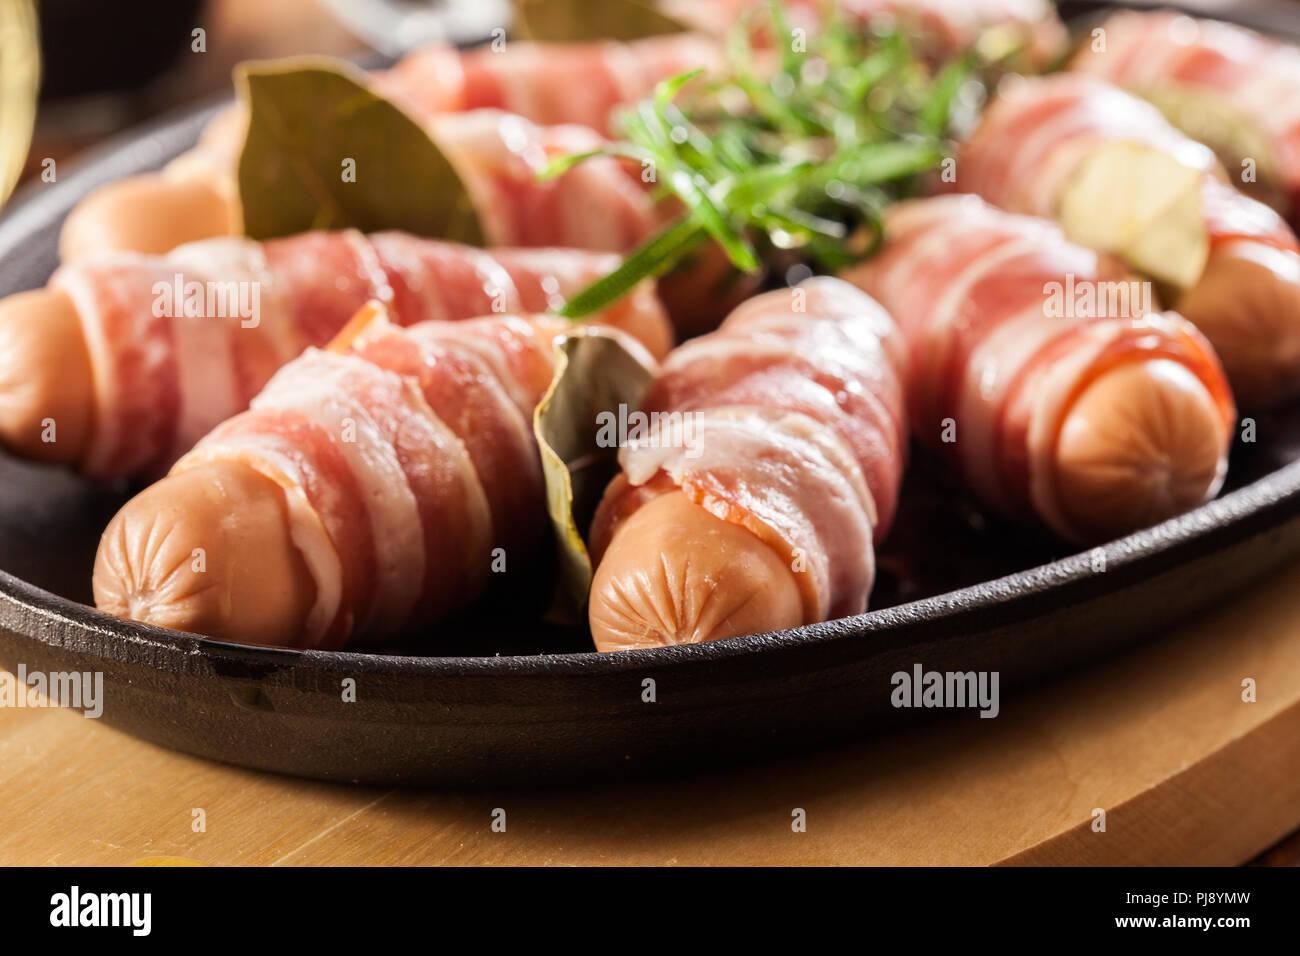 Les porcs dans des couvertures. Mini saucissons crus enveloppés dans du bacon fumé cuit prêt à Banque D'Images